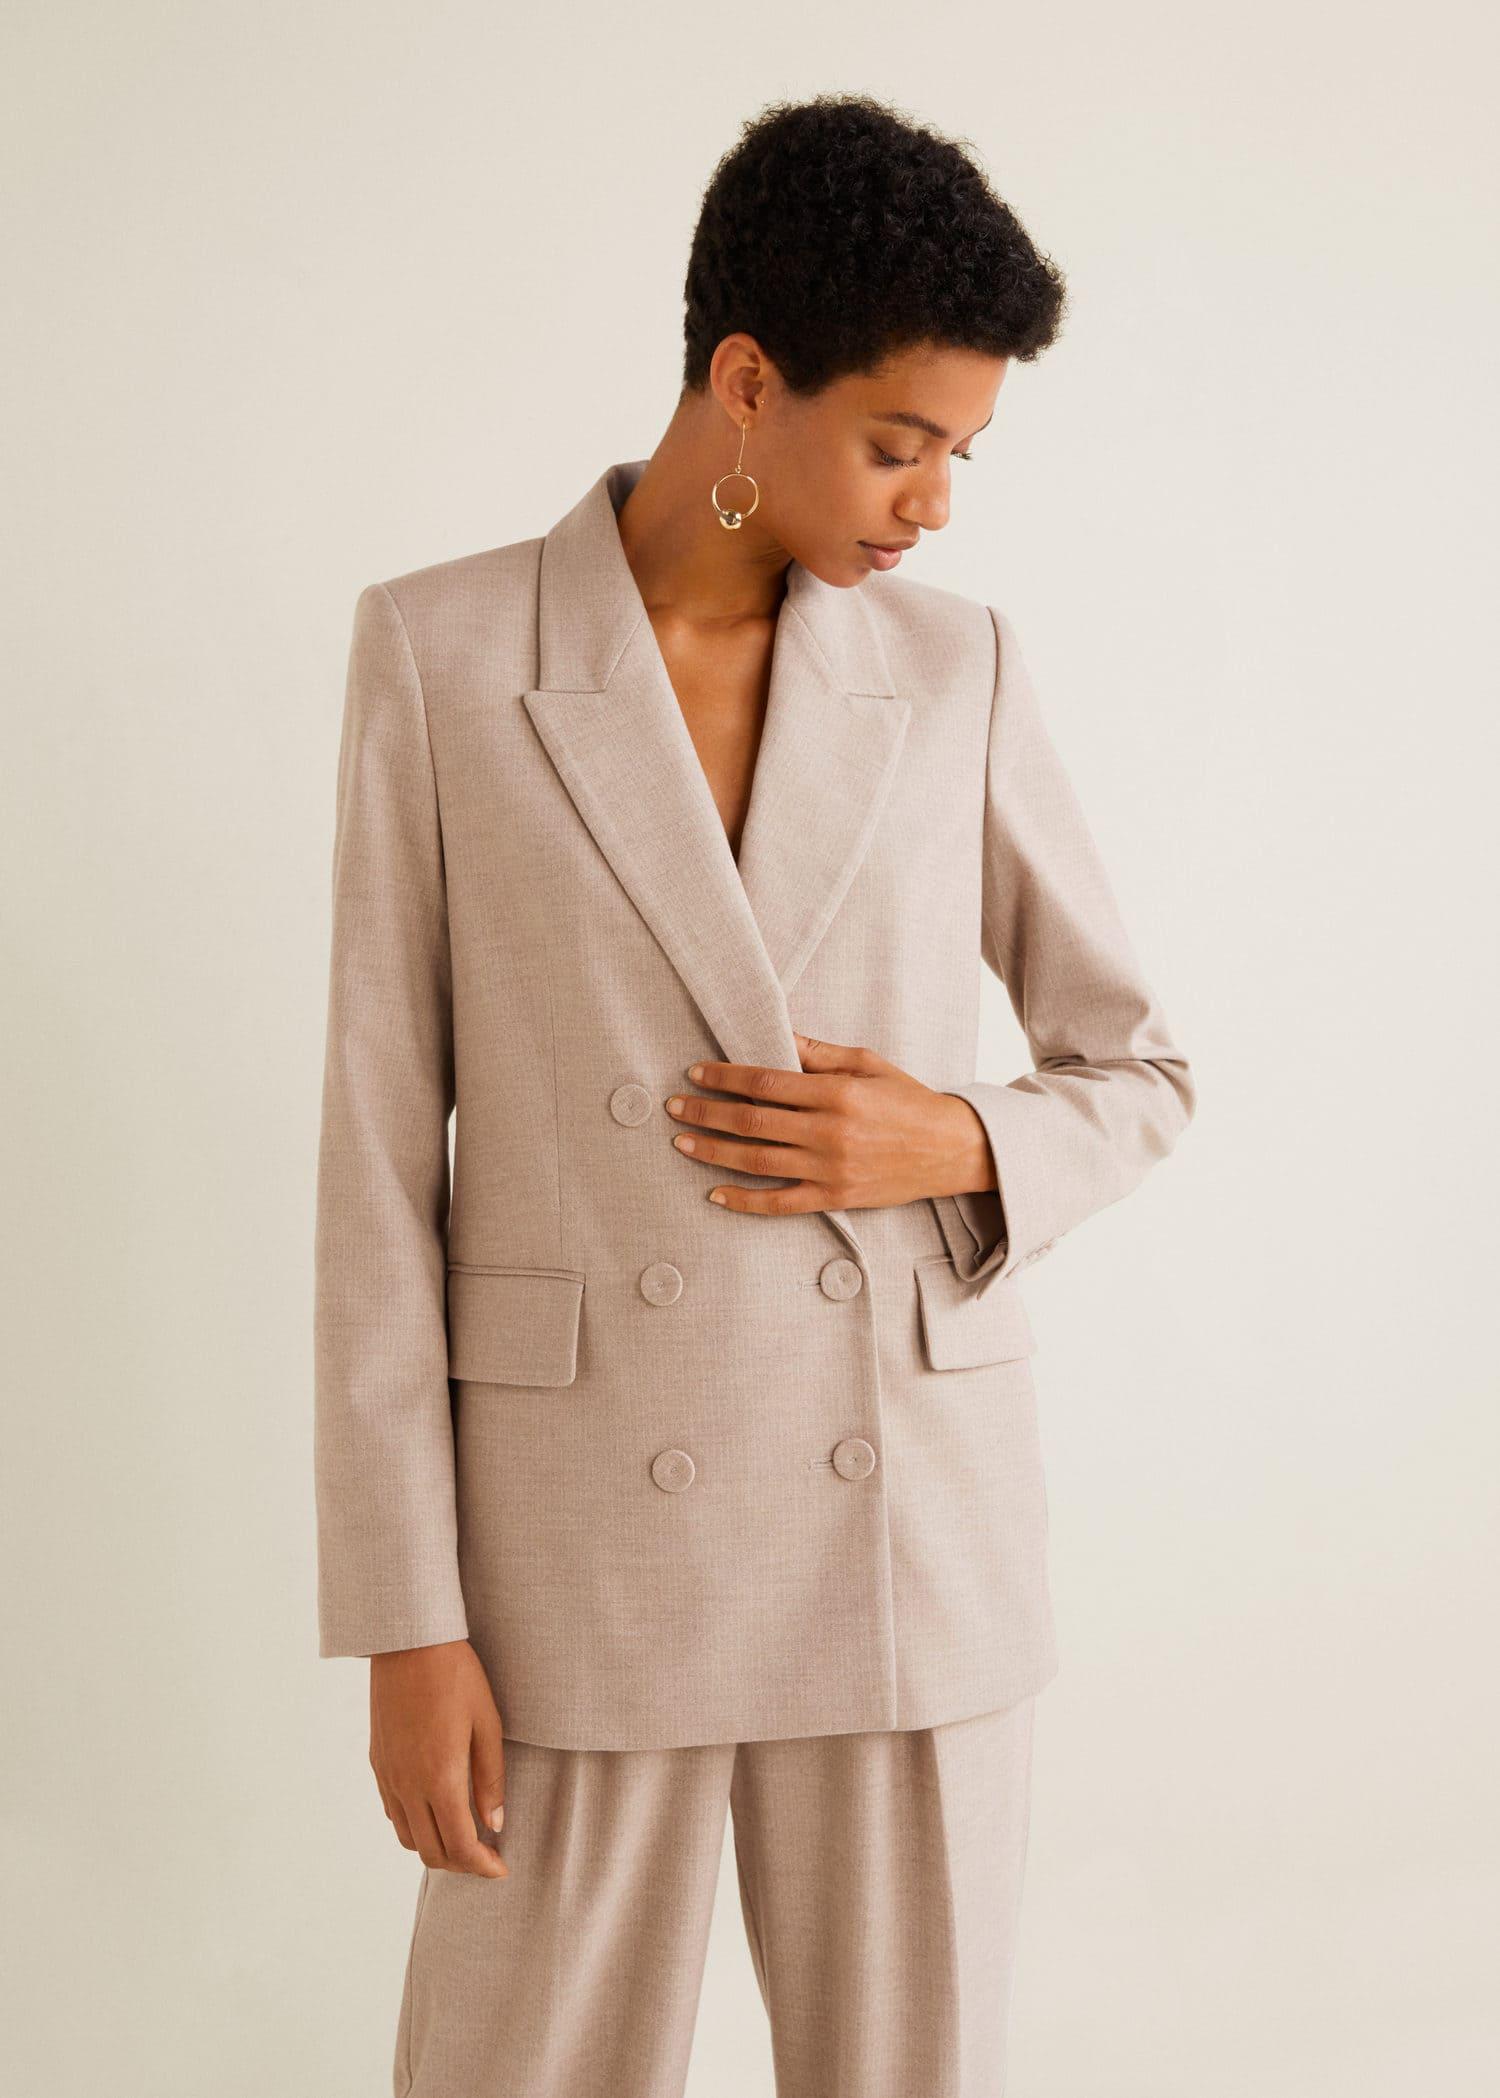 Veste de costume structurée Femme | Mango France